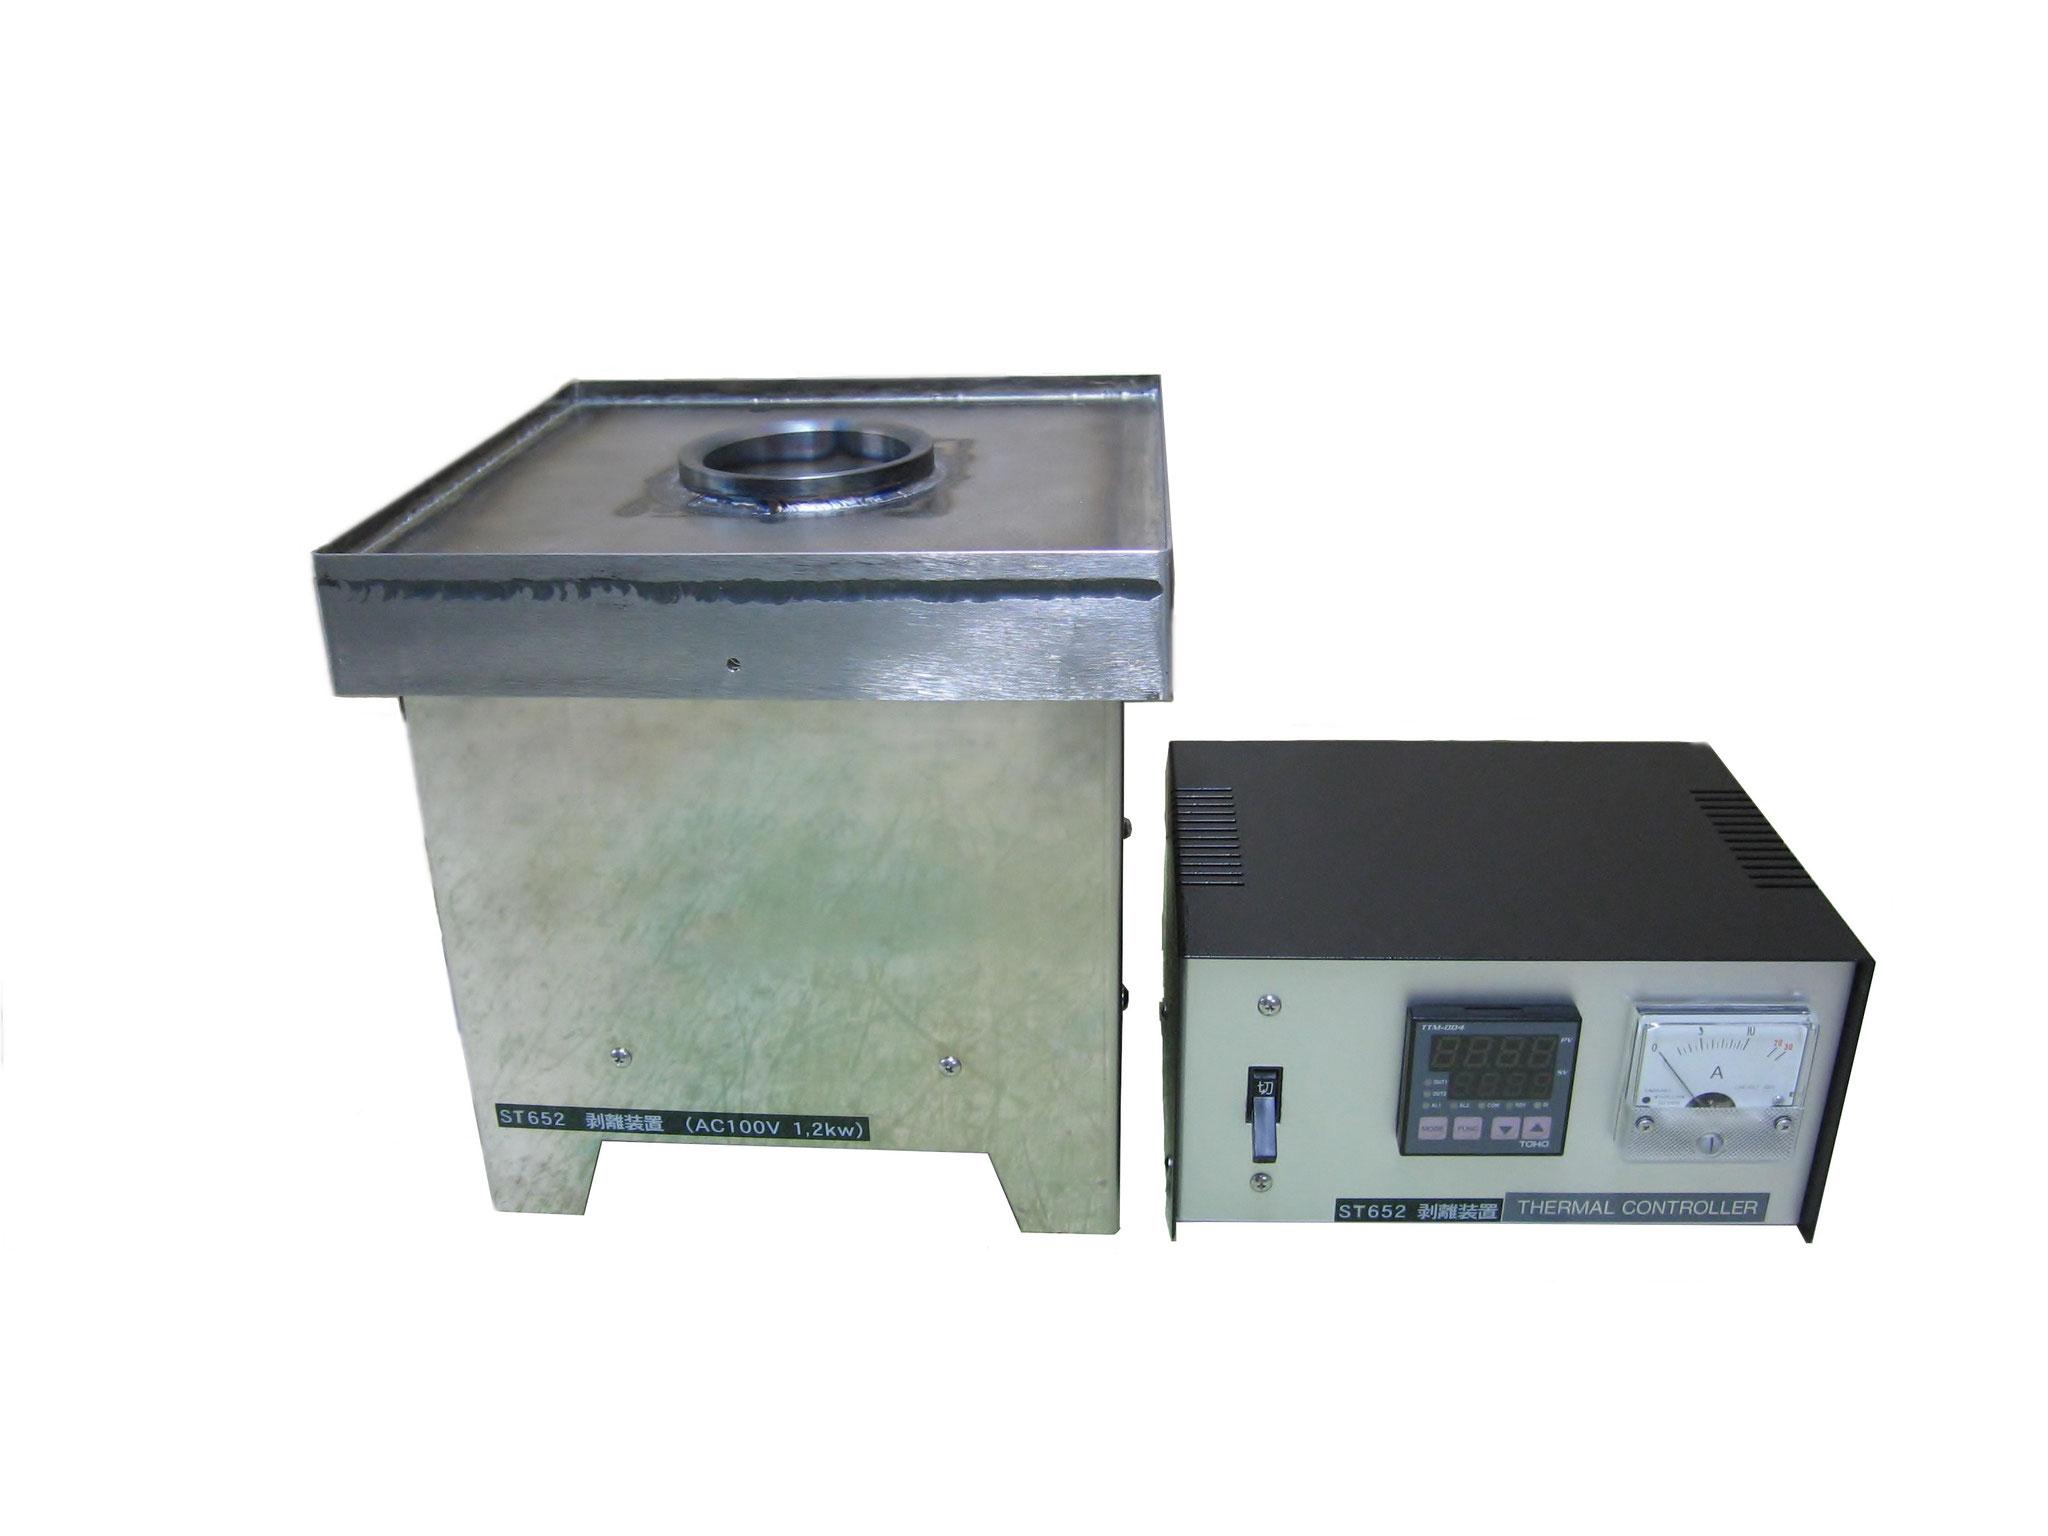 剥離用加温槽「ST-652」